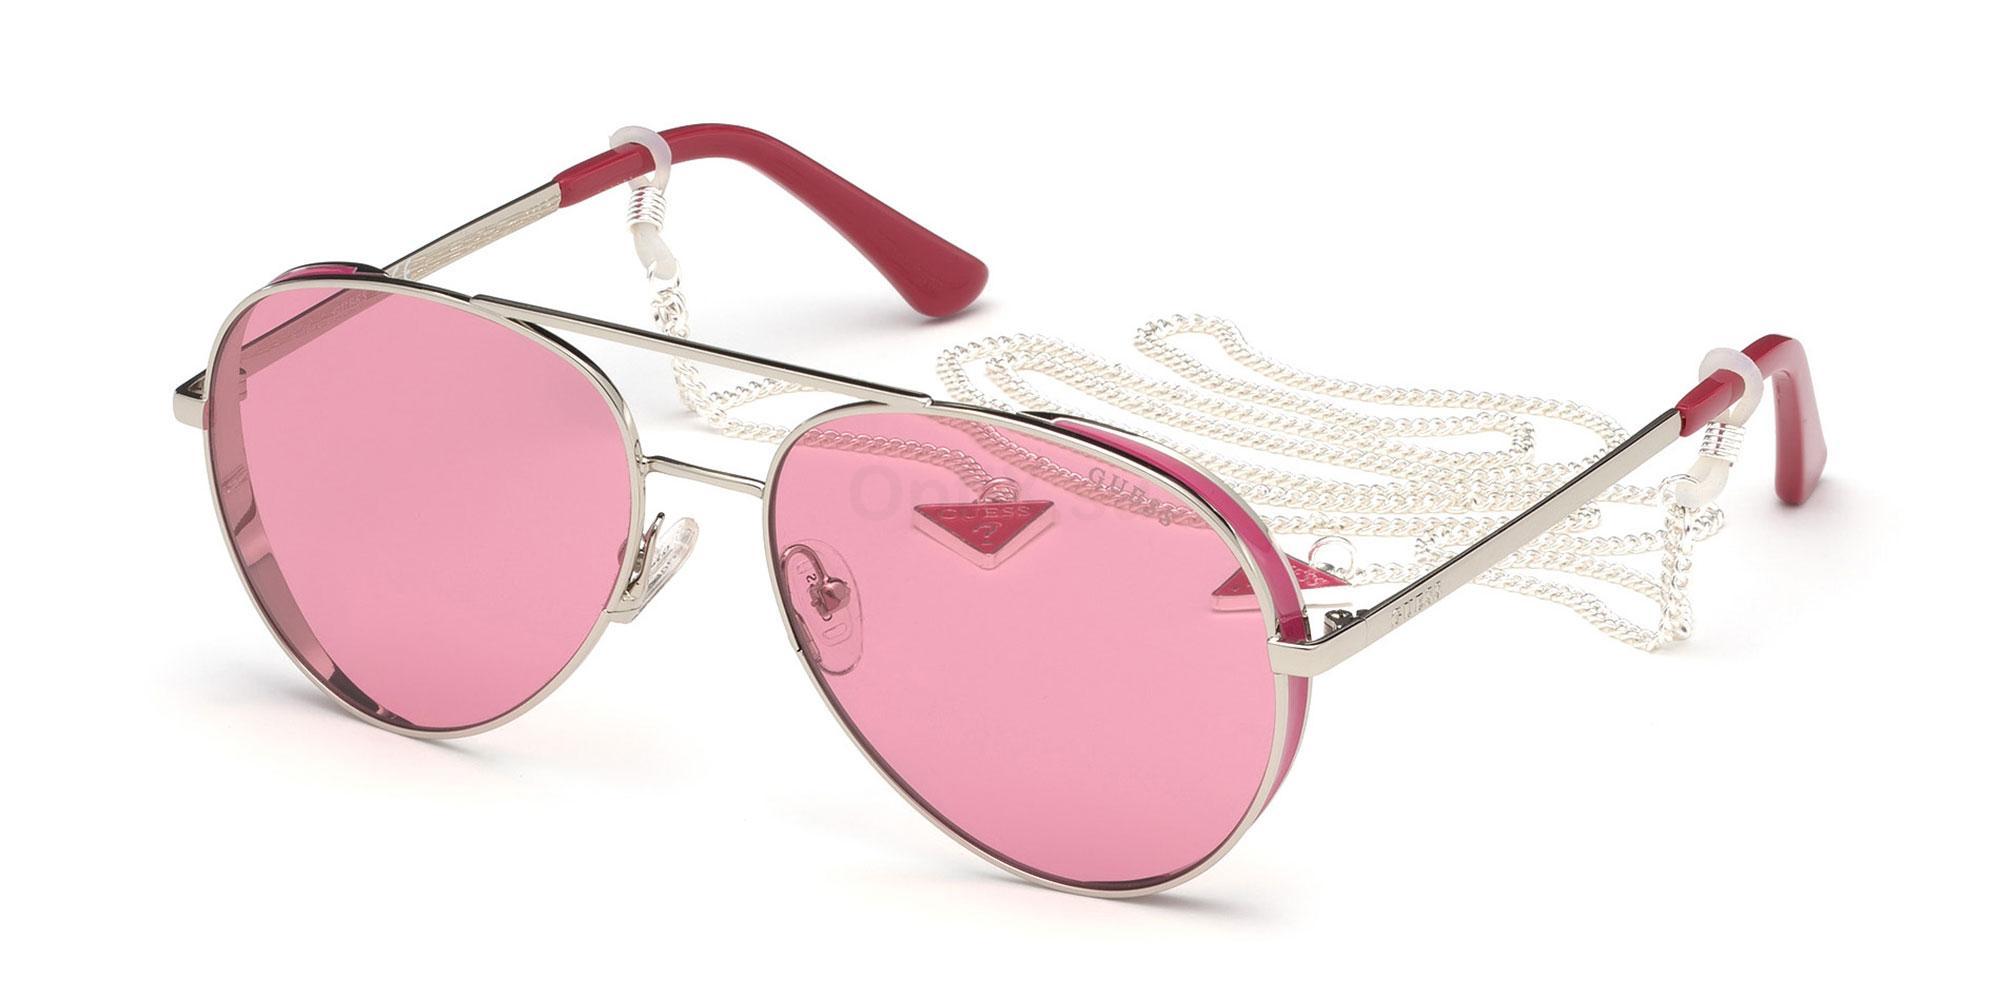 10T GU7607 Sunglasses, Guess